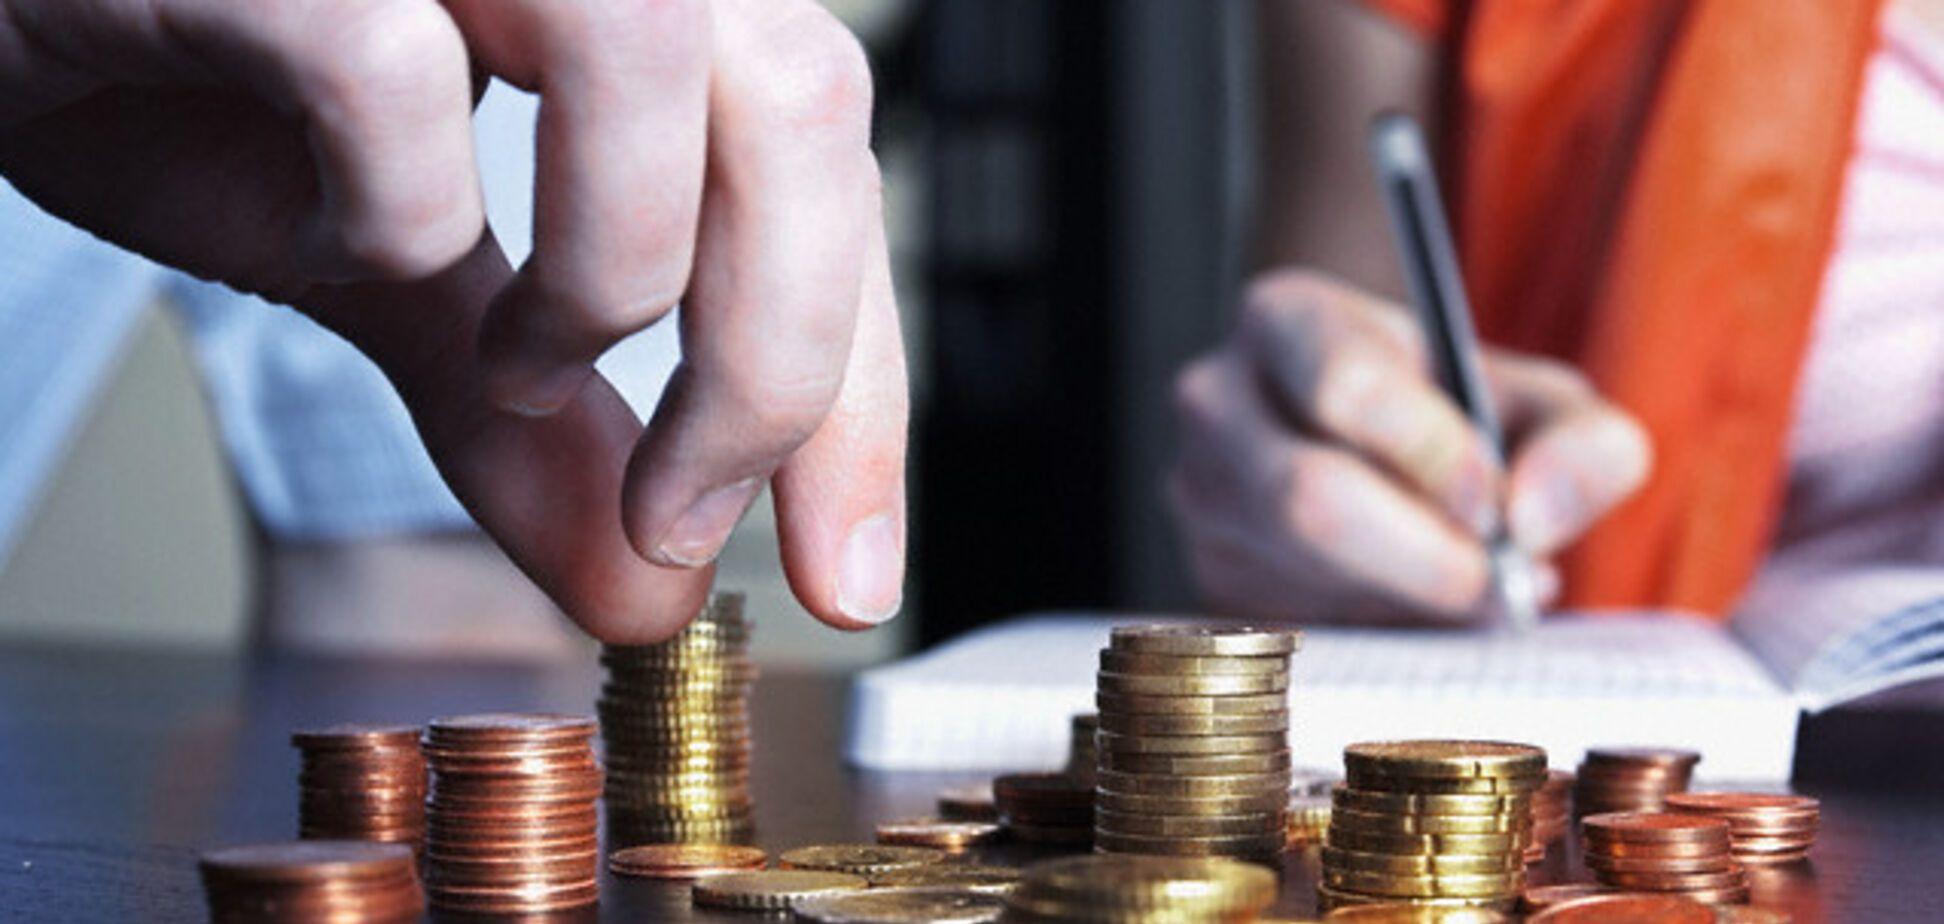 Дніпропетровська область отримала півмільярда гривень: на що витратять гроші